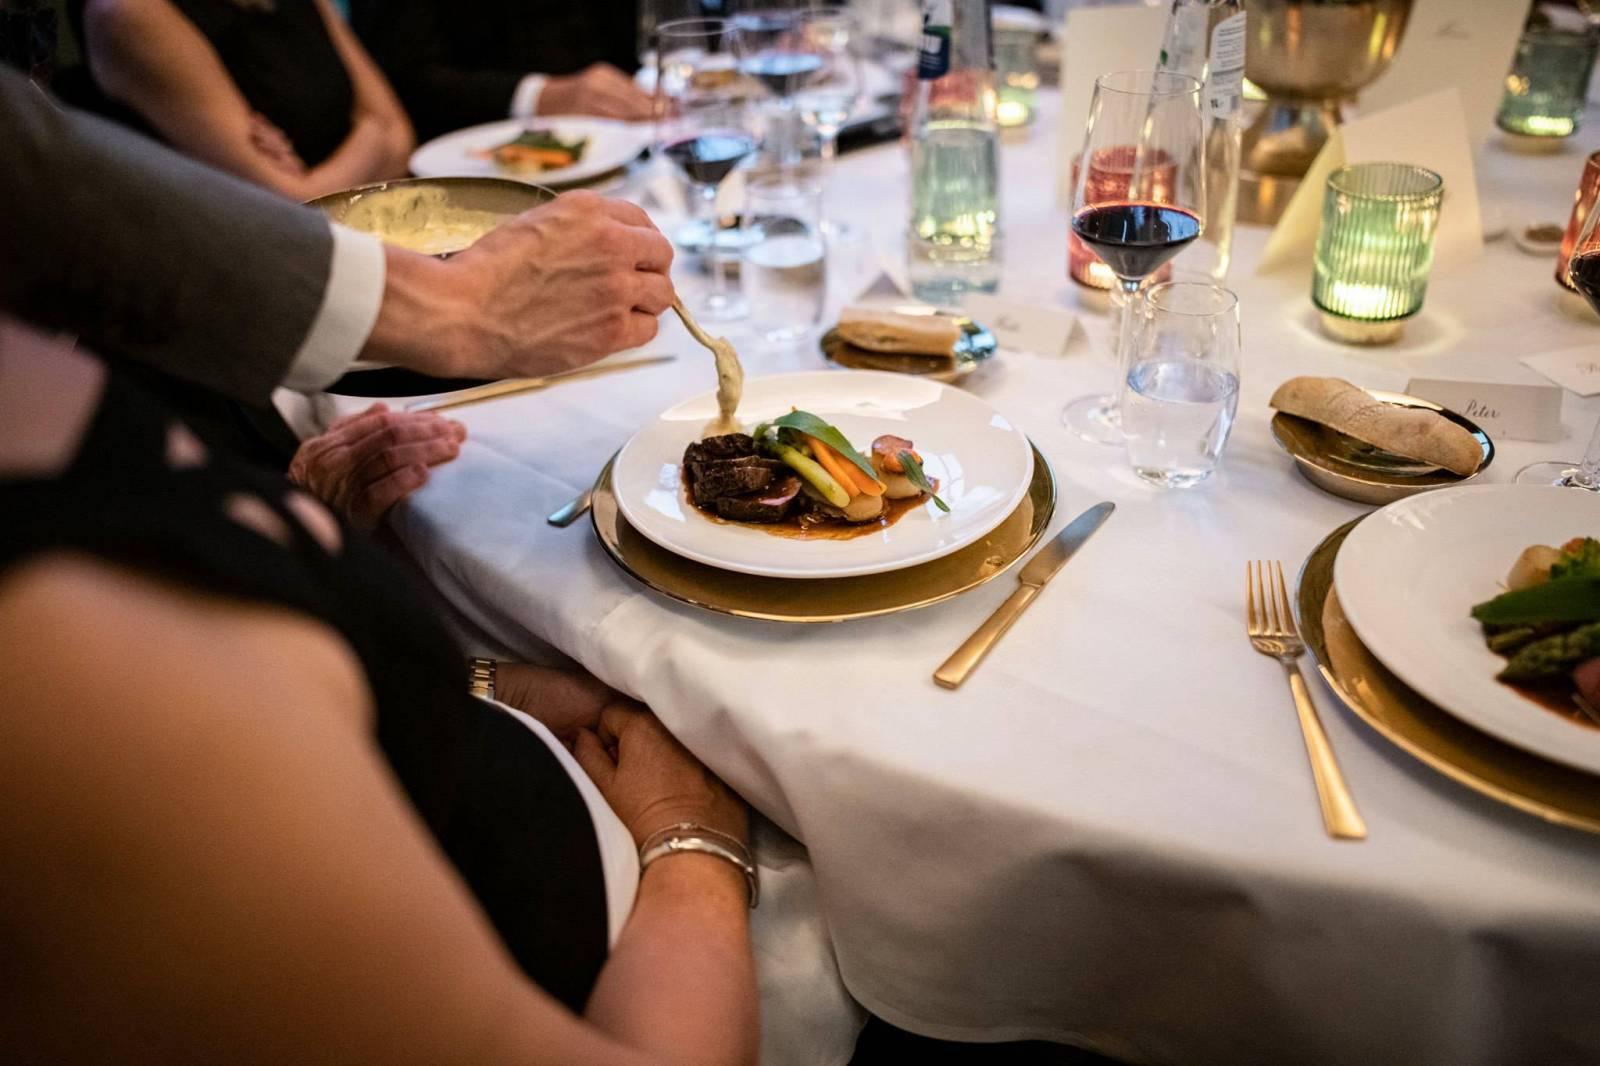 Gastronomie Nicolas - Catering - Traiteur - Trouw - Huwelijk - Bruiloft - House of Weddings - 7